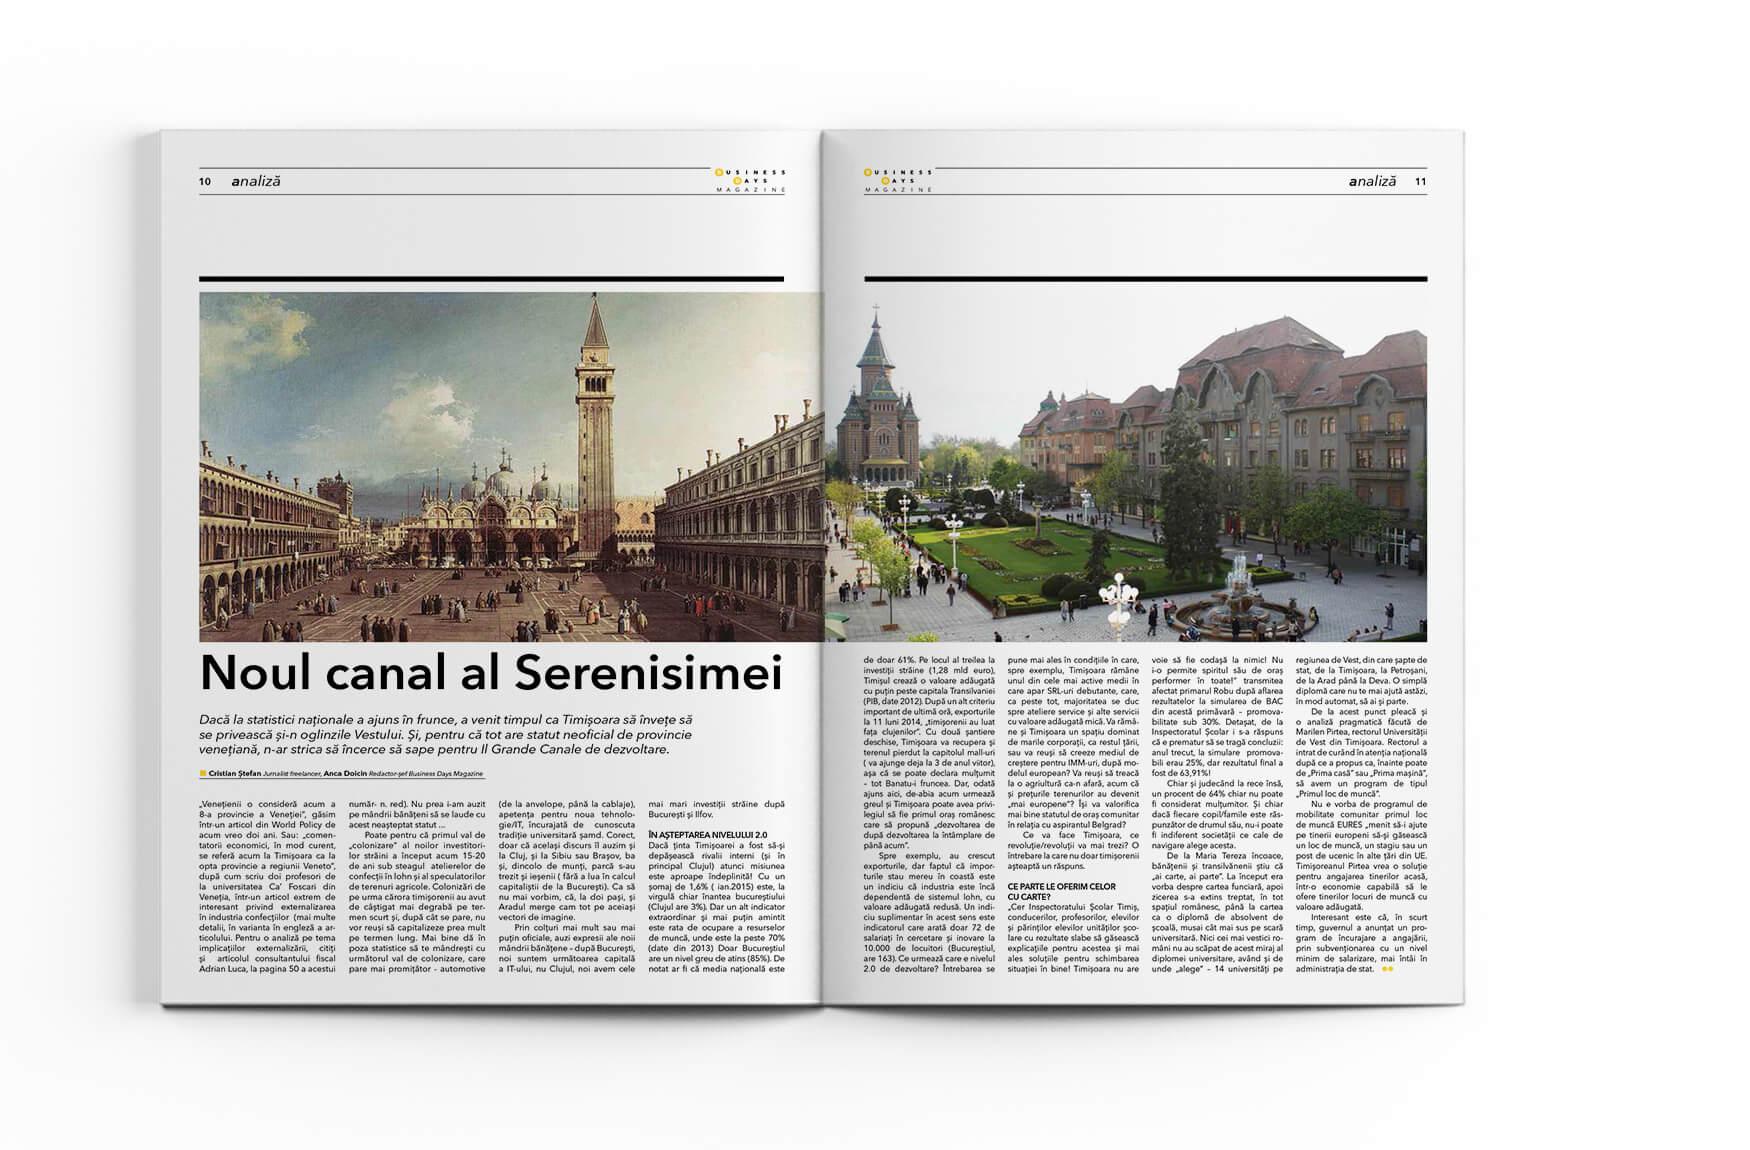 business-days-magazine_spread-11